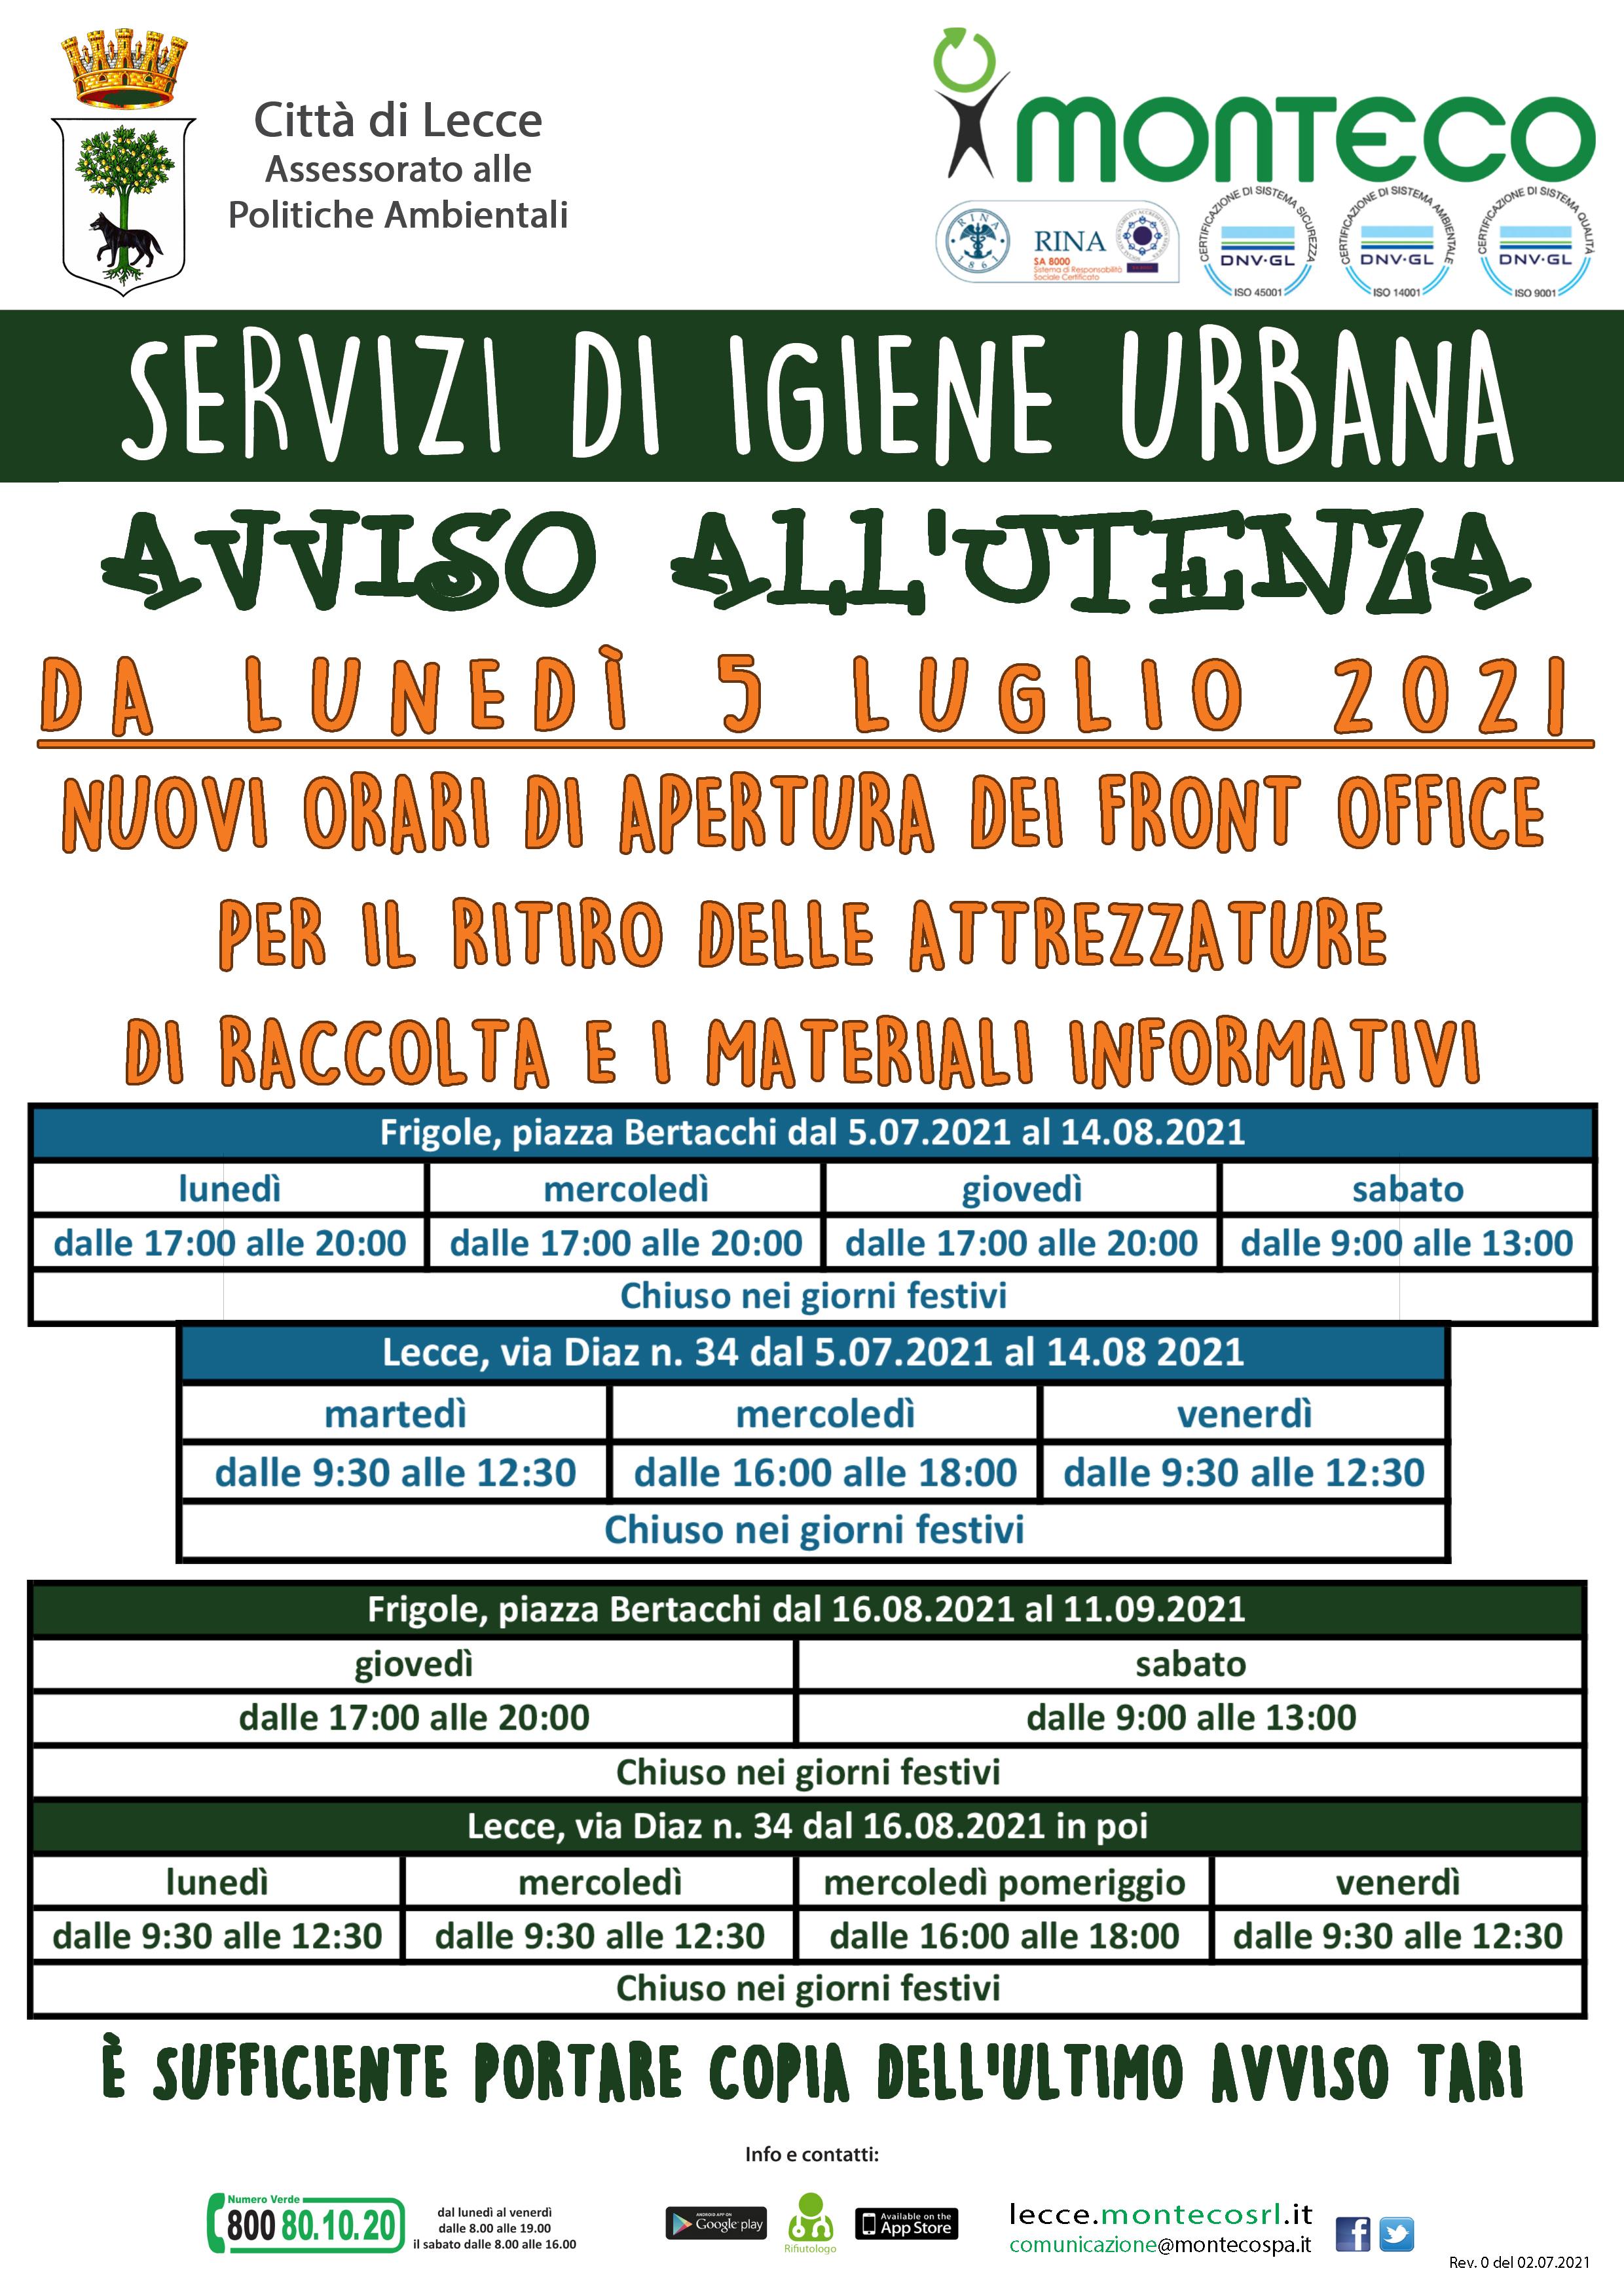 Front Office Lecce. Dal lunedì 5 luglio 2021 cambiano gli orari di apertura